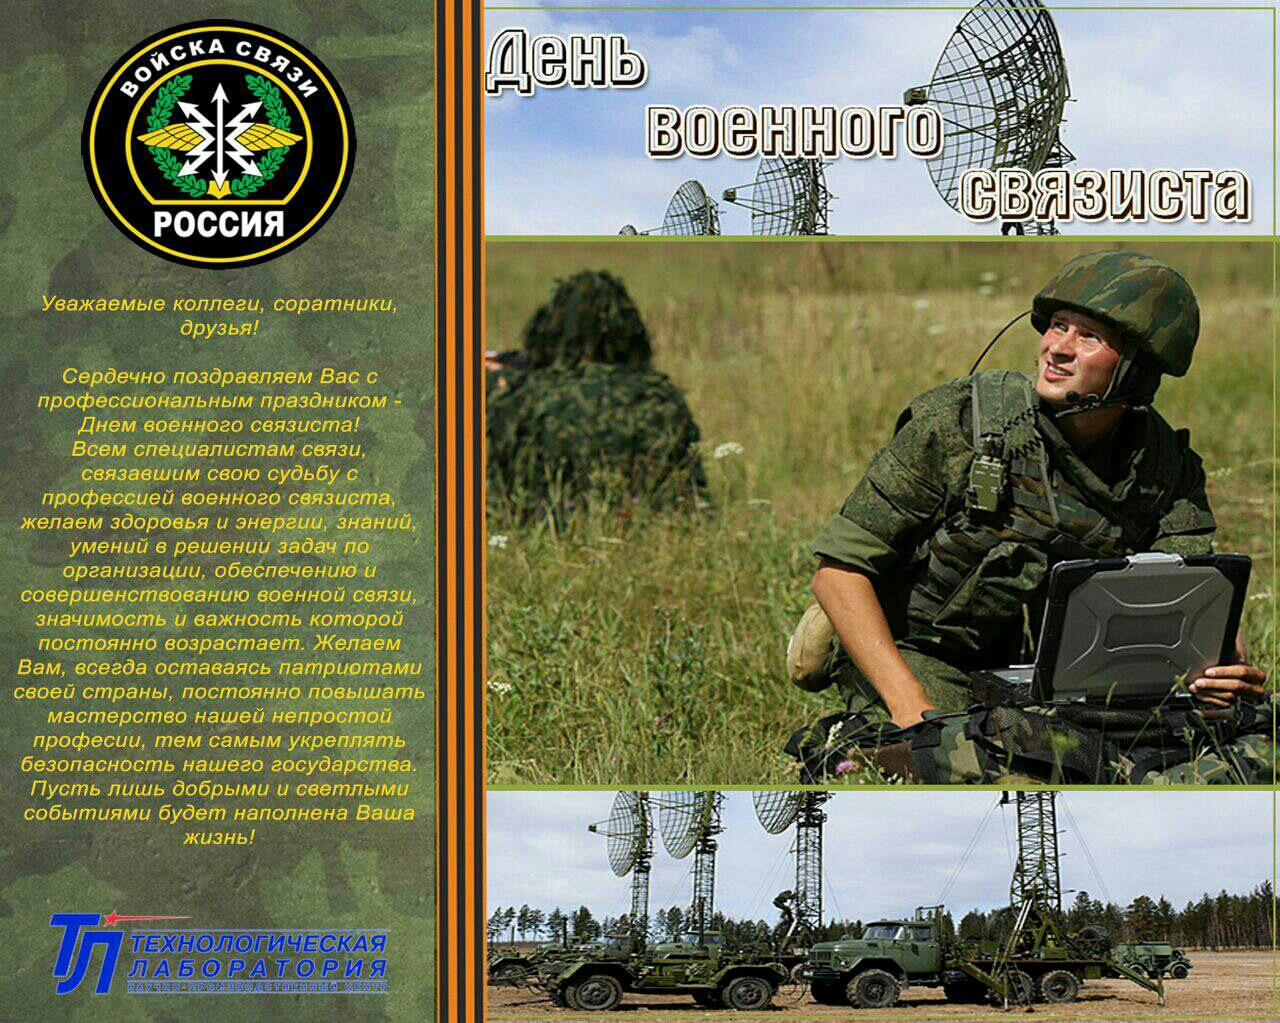 Военного связиста поздравления